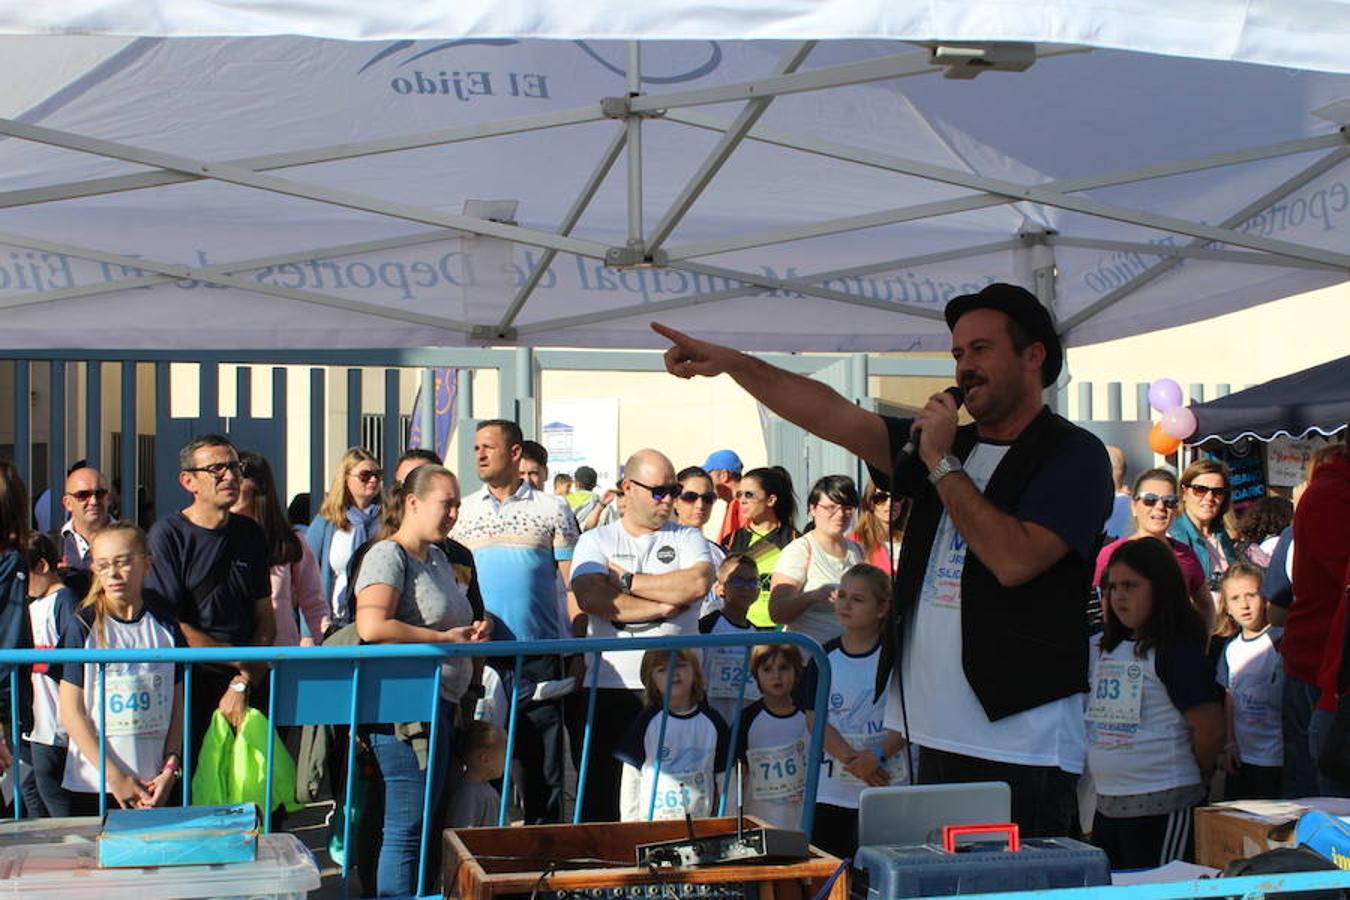 El Cross Urbano Solidario cuenta con unos 600 participantes por una buena causa